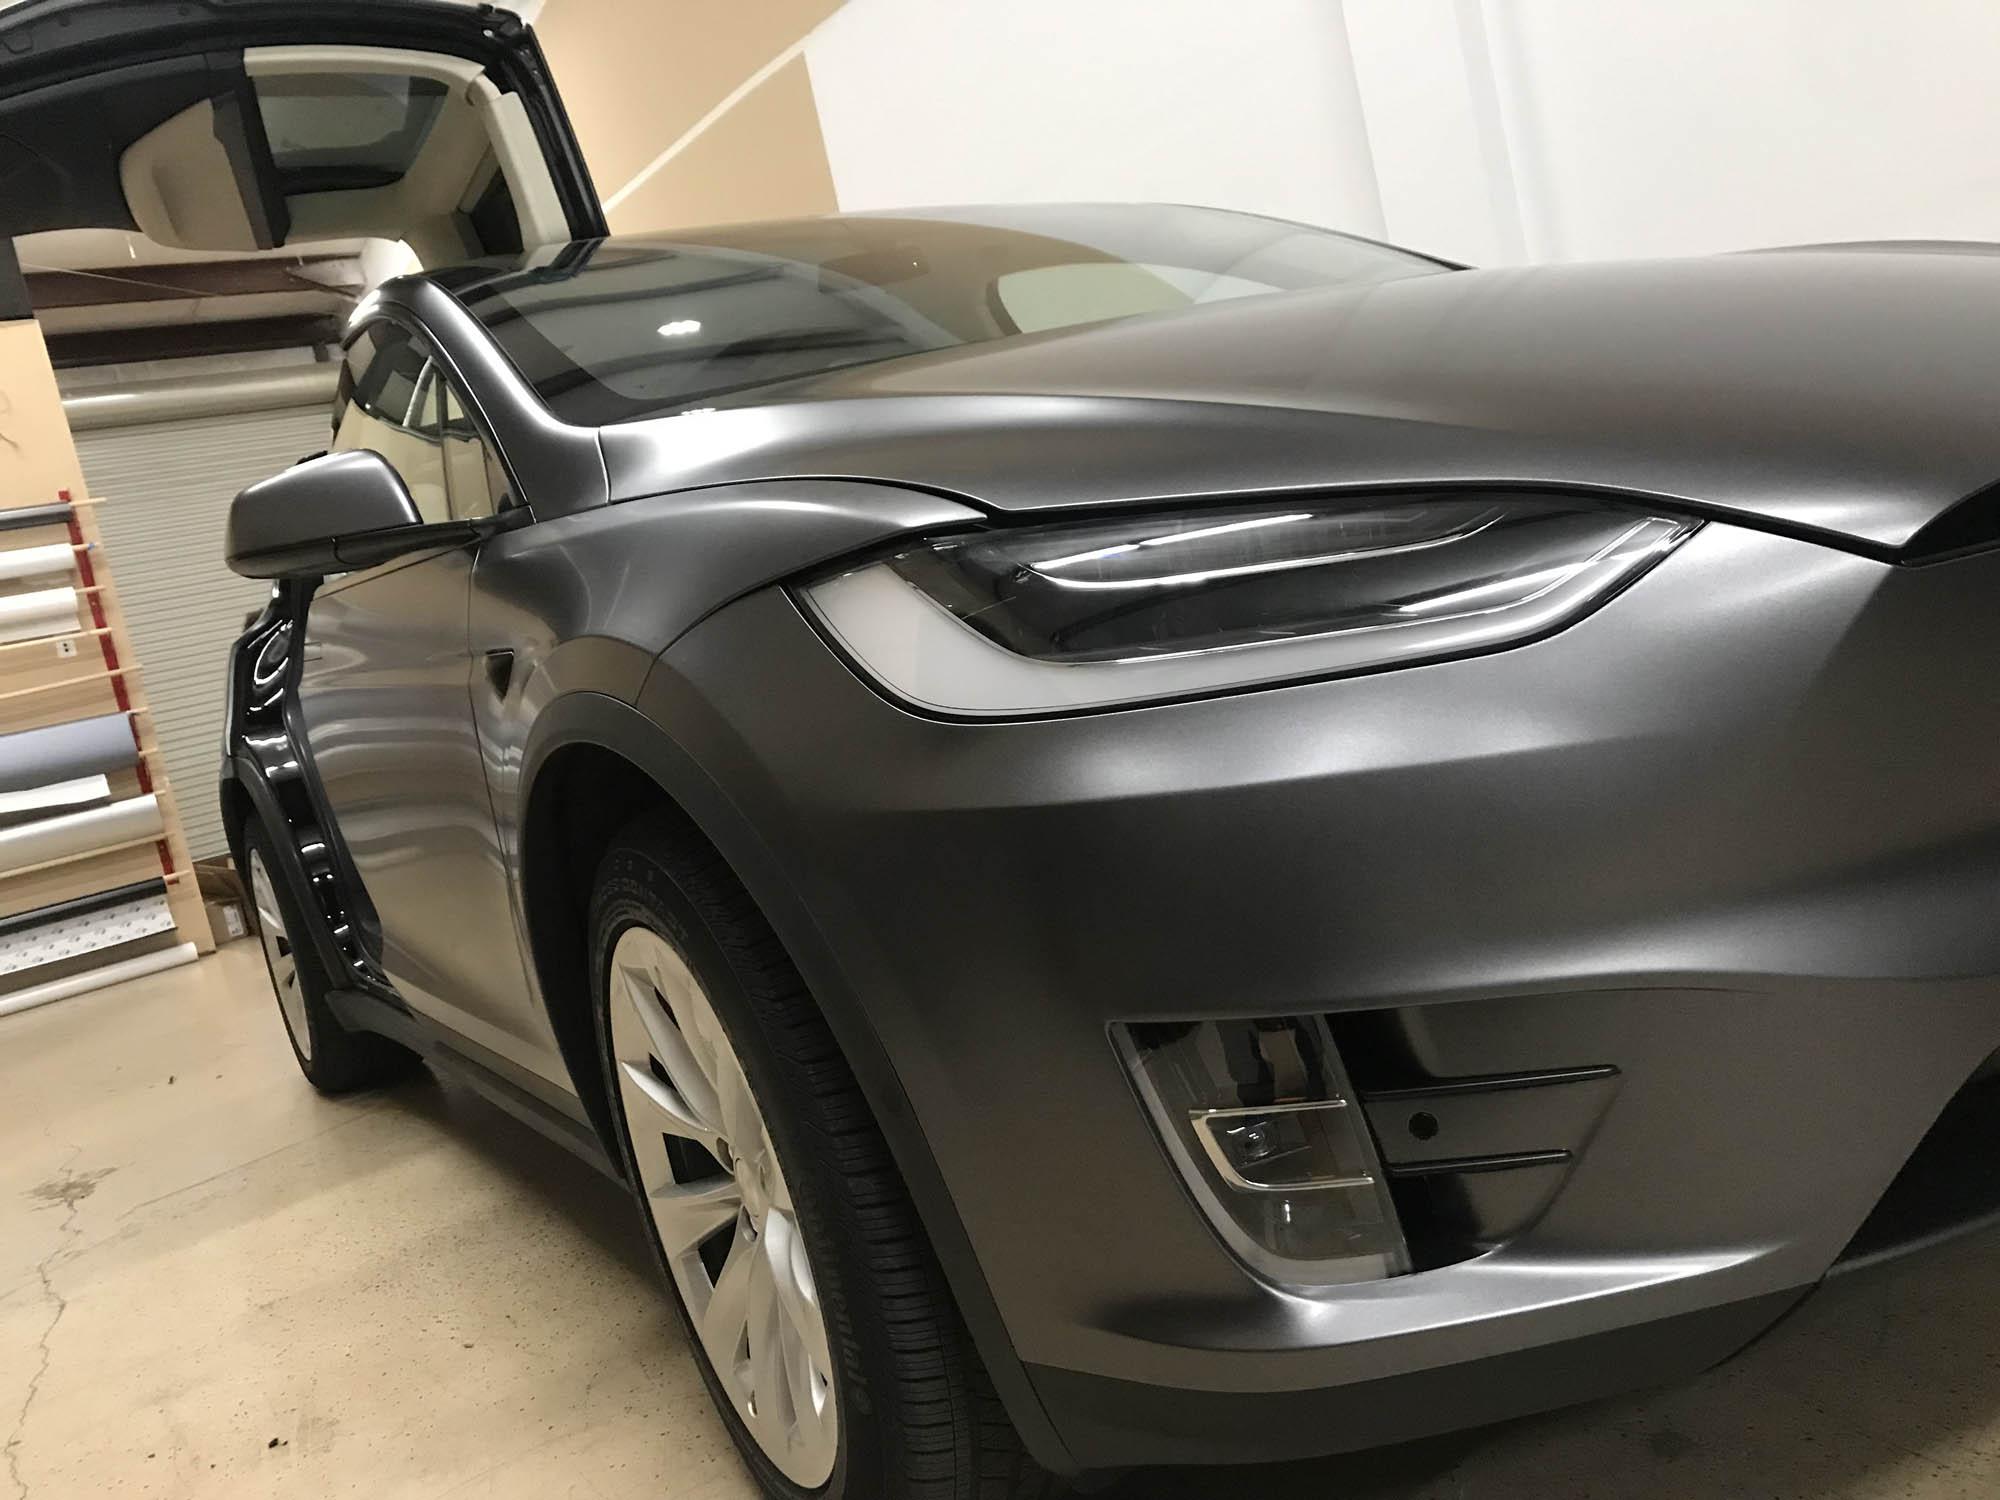 Tesla Model X Wrap 3M Satin Gray